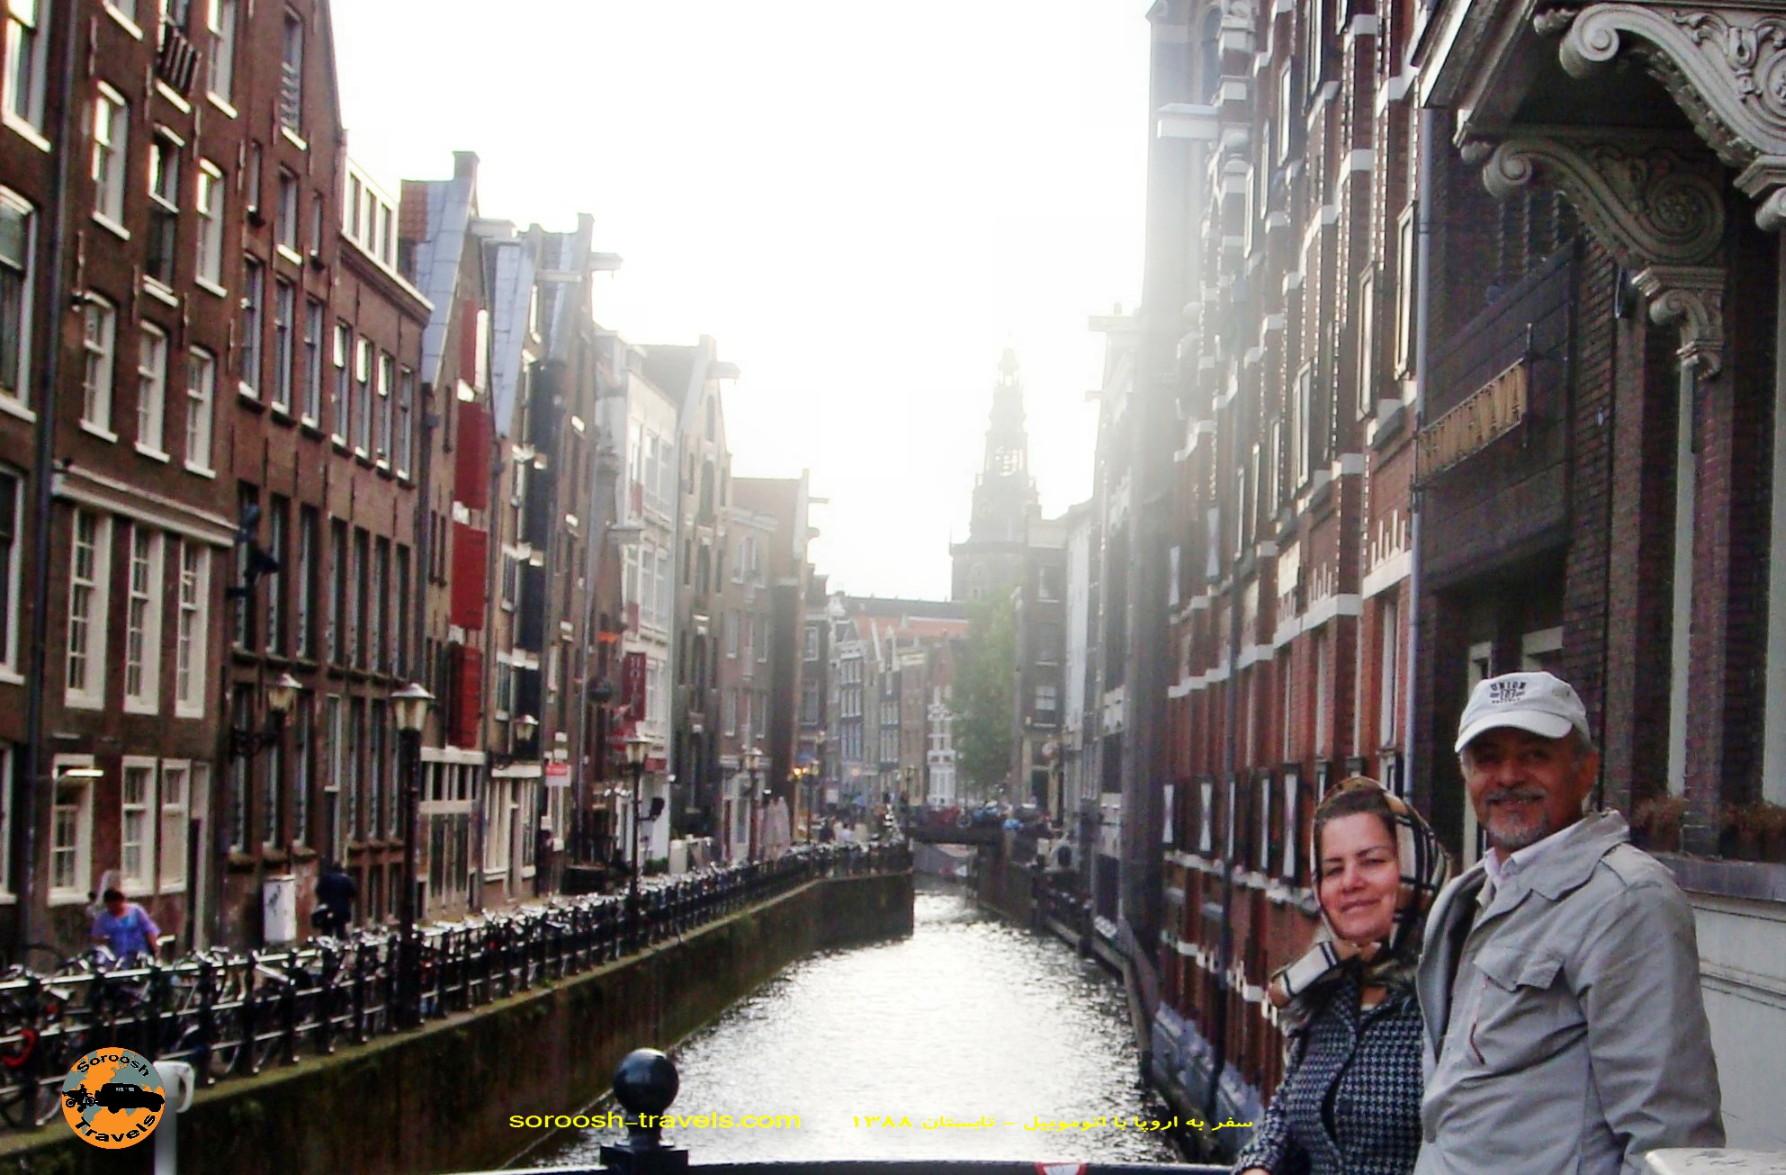 23-shahrivar-1388-14-september-2009-bruxele-in-belgium-to-amsterdam-in-netherland-5